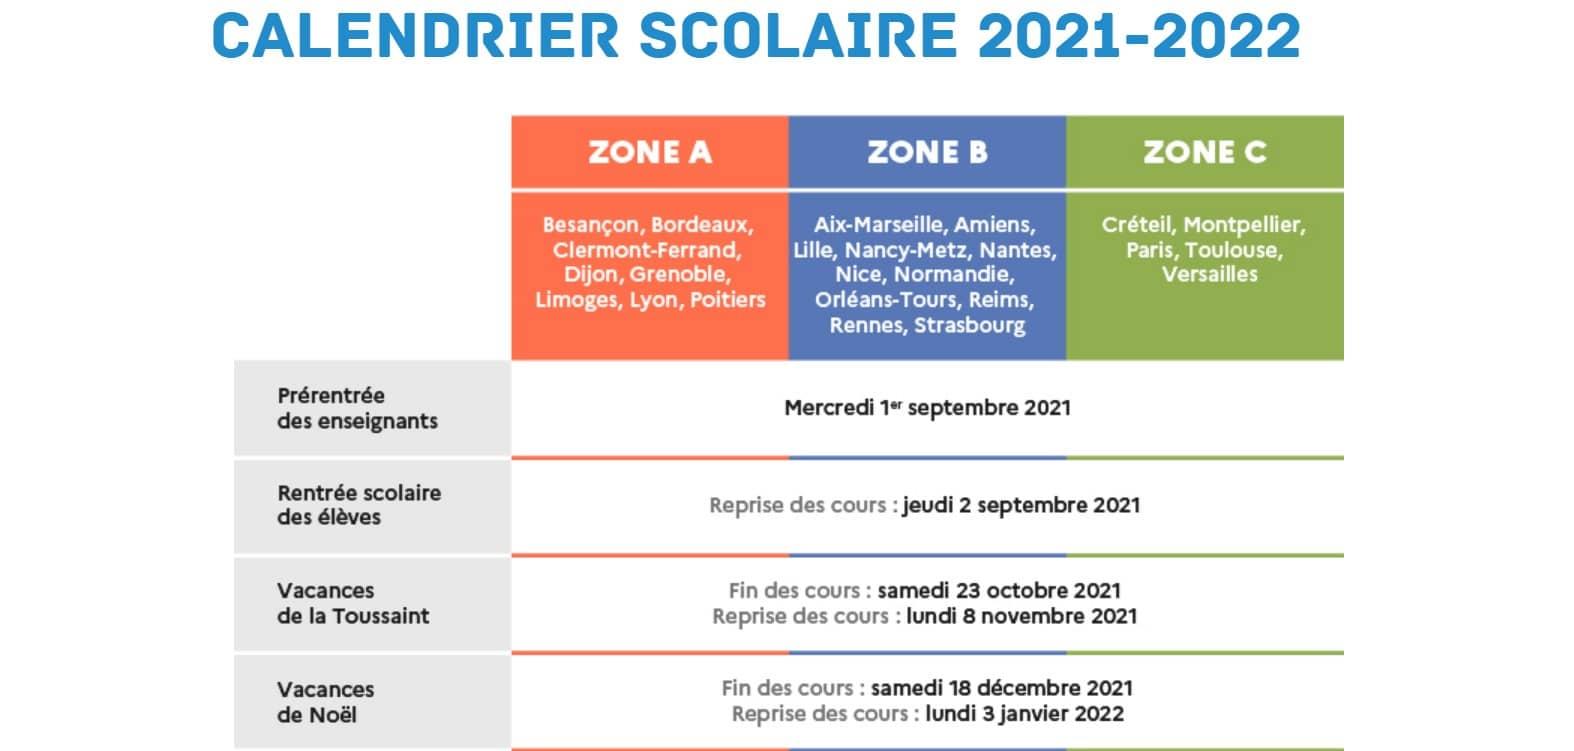 Calendrier des vacances scolaires 2021-2022